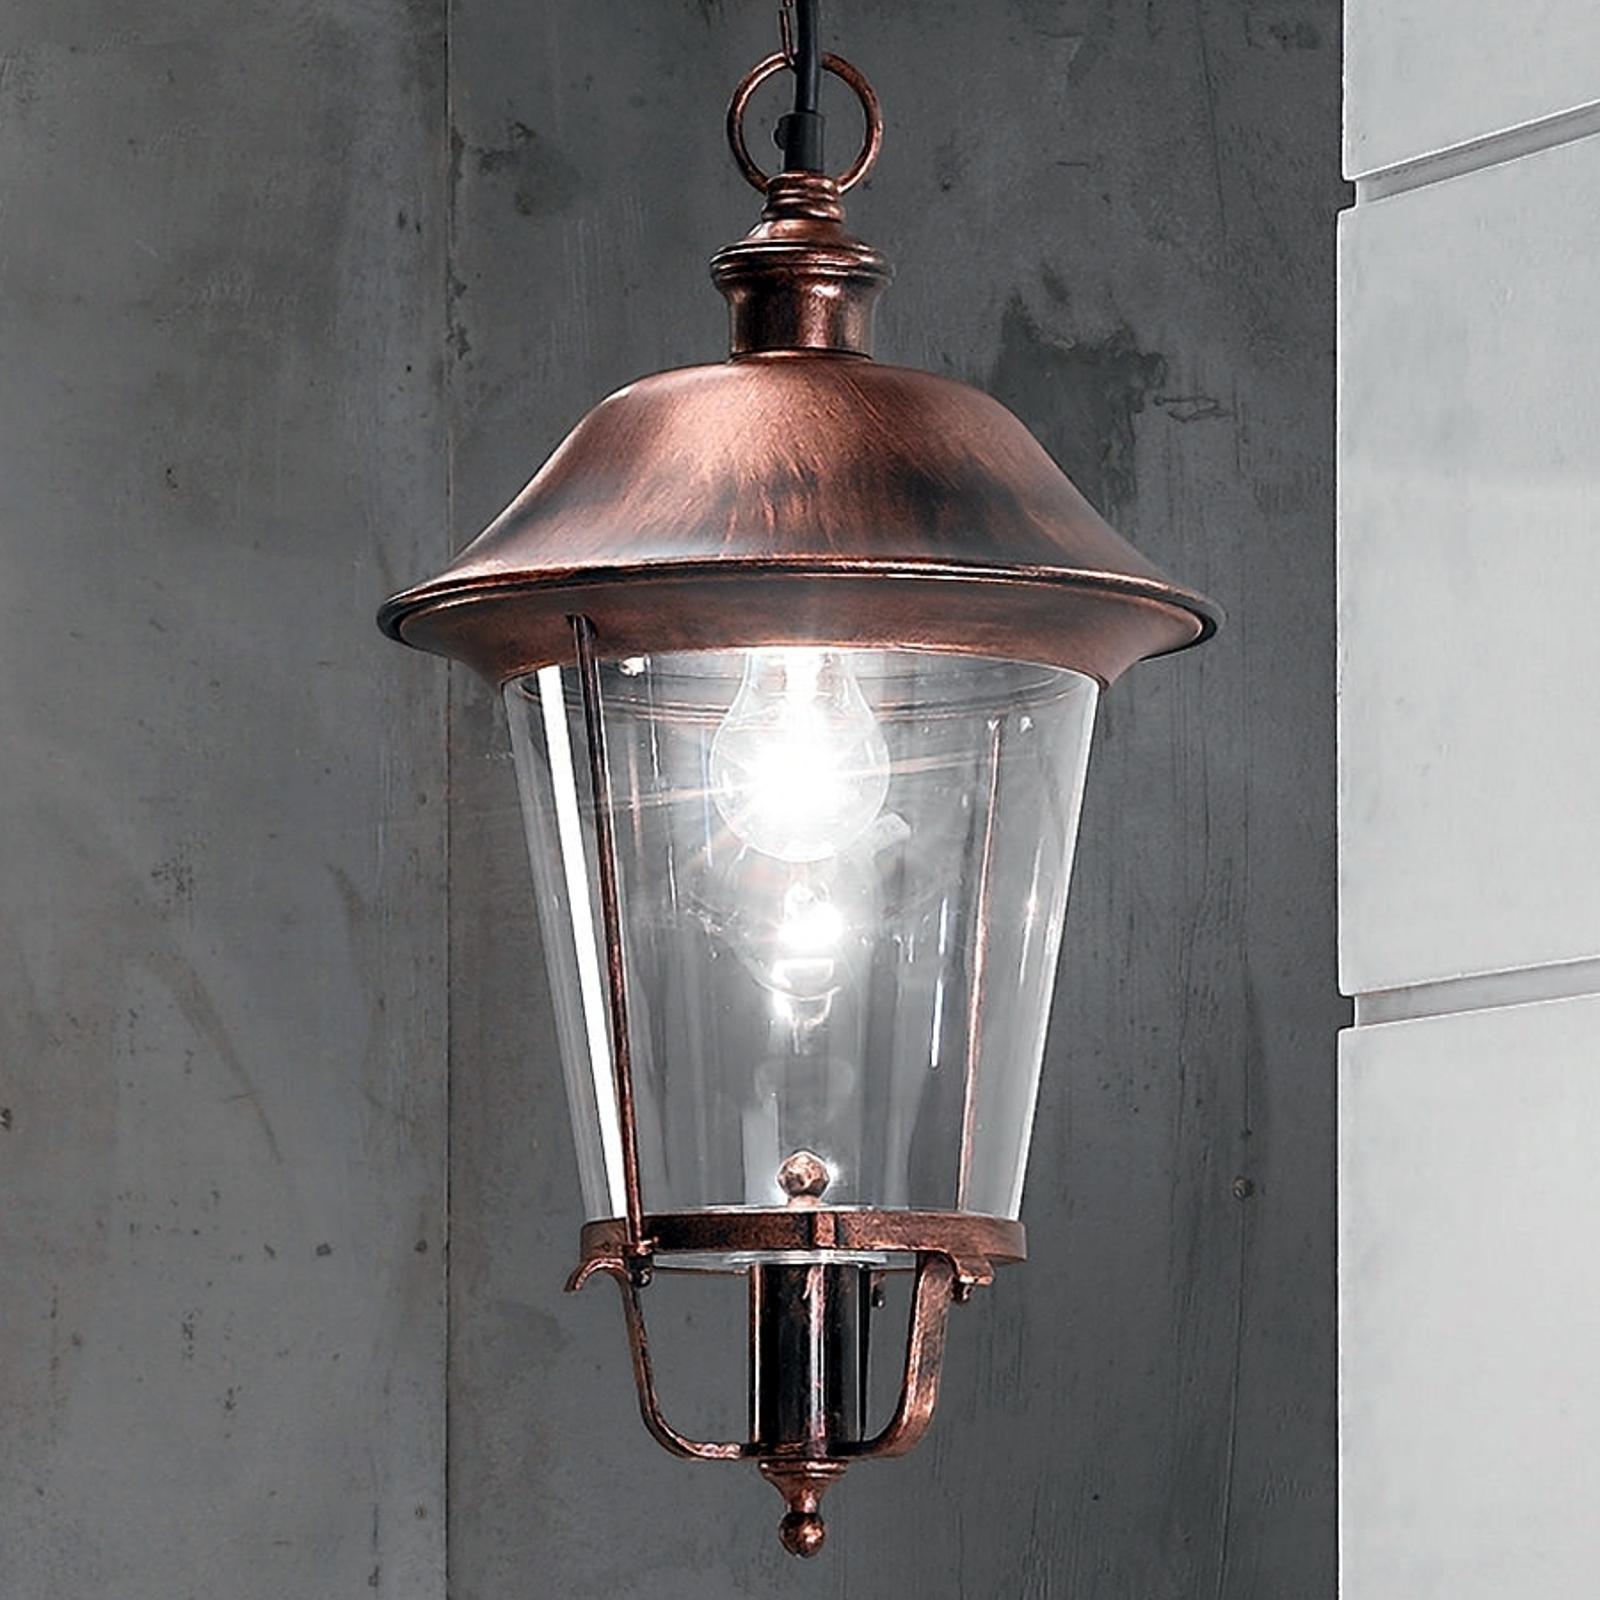 Dekoracyjna zewnętrzna lampa wisząca MARIELLA